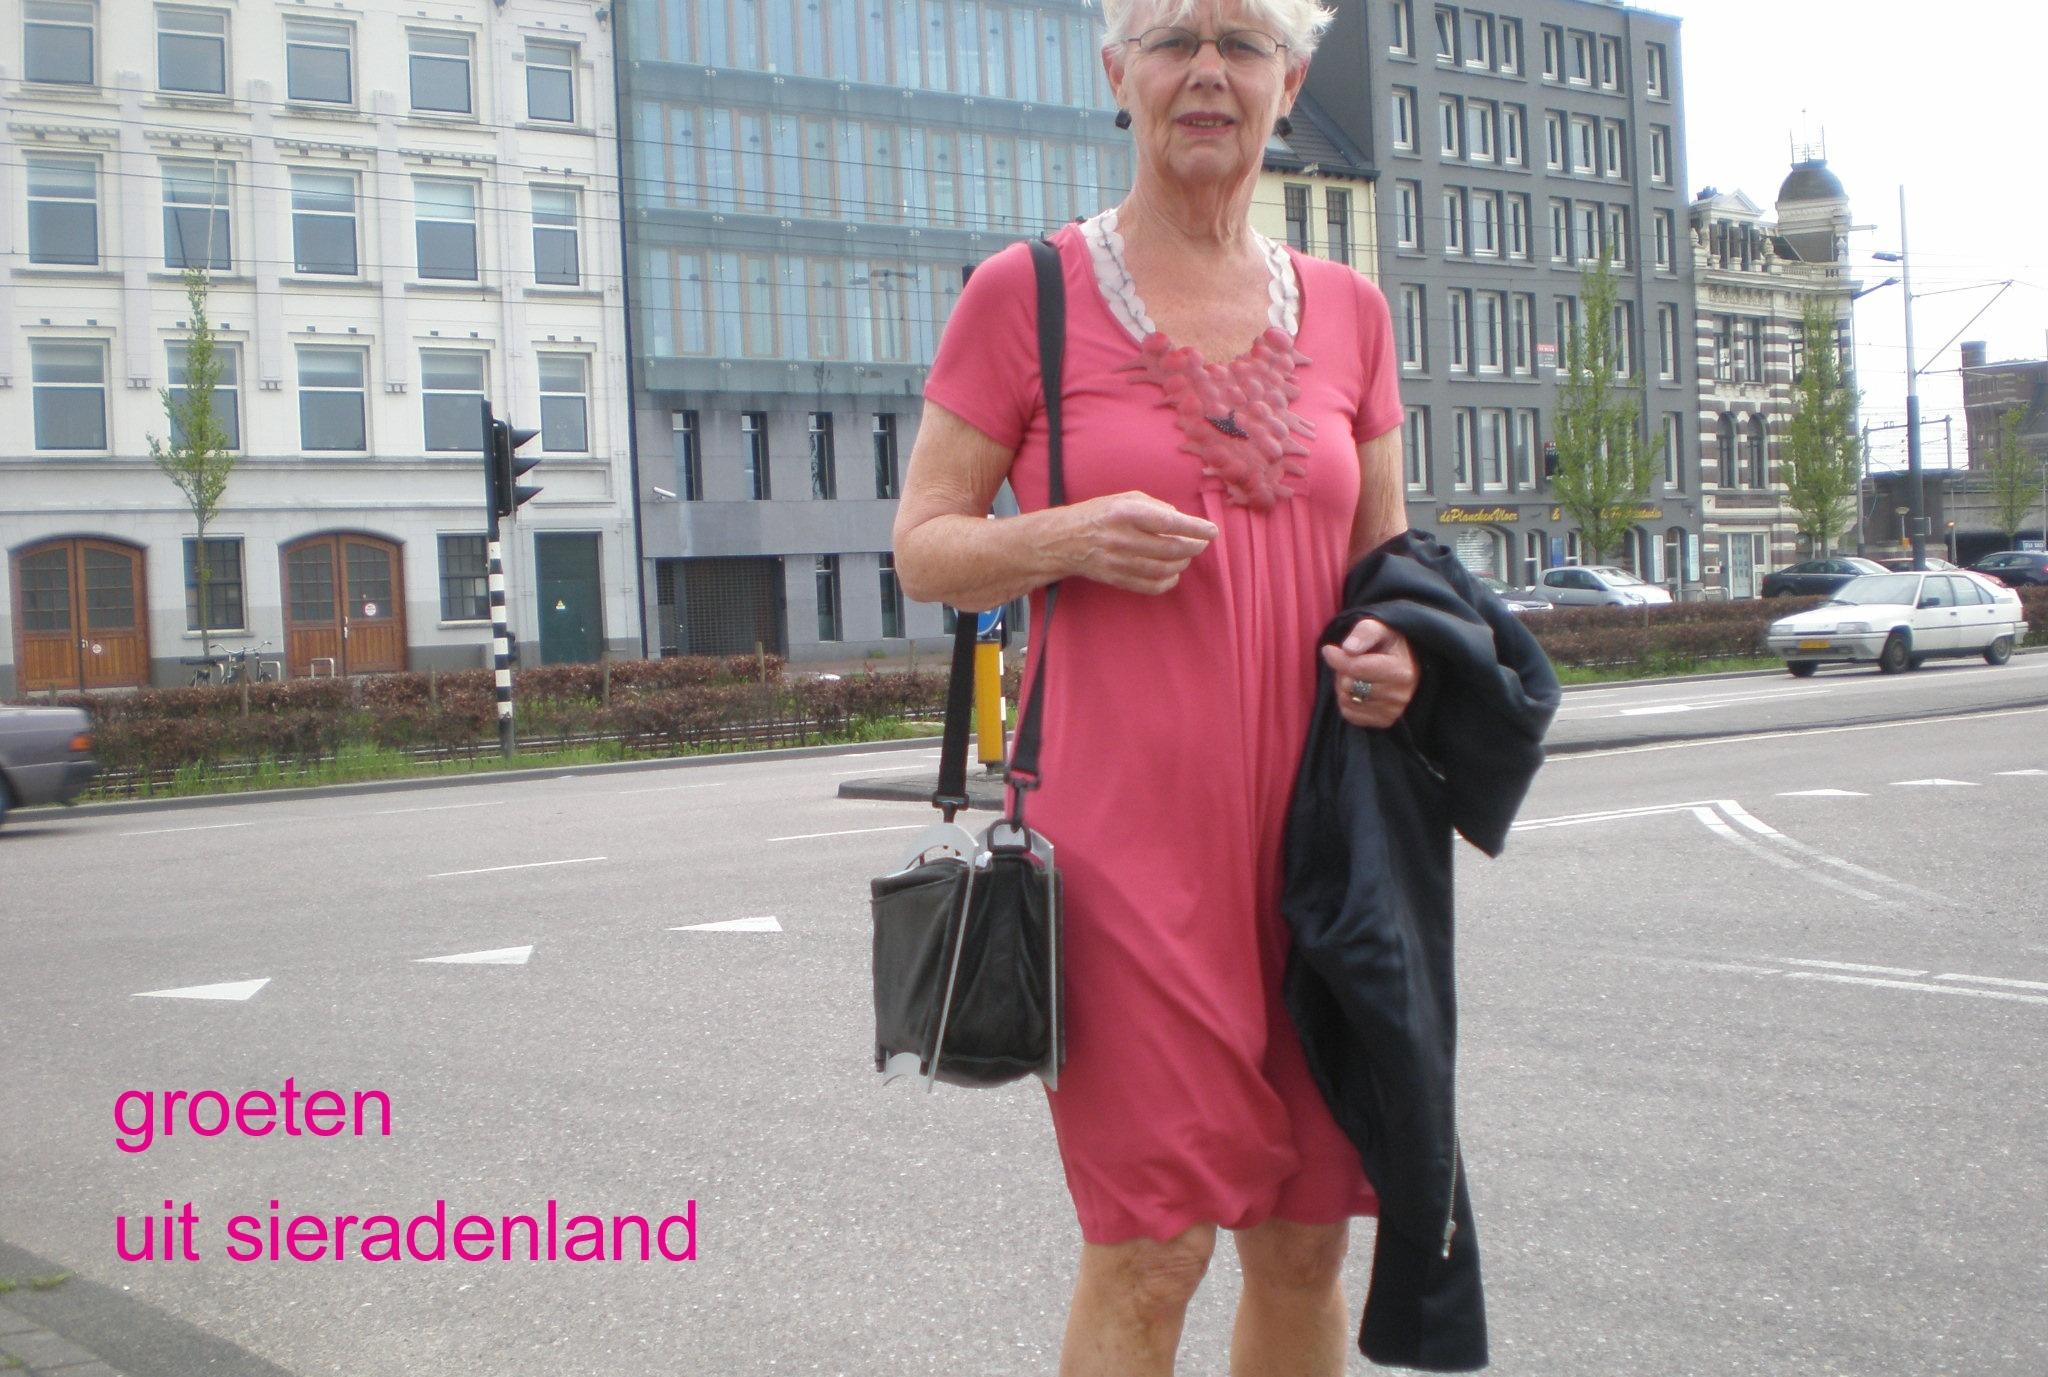 Claartje Keur, Zelfportret met halssieraad van Ela Bauer, Amsterdam, De Ruijterkade, 19 april 2009. Foto Claartje Keur